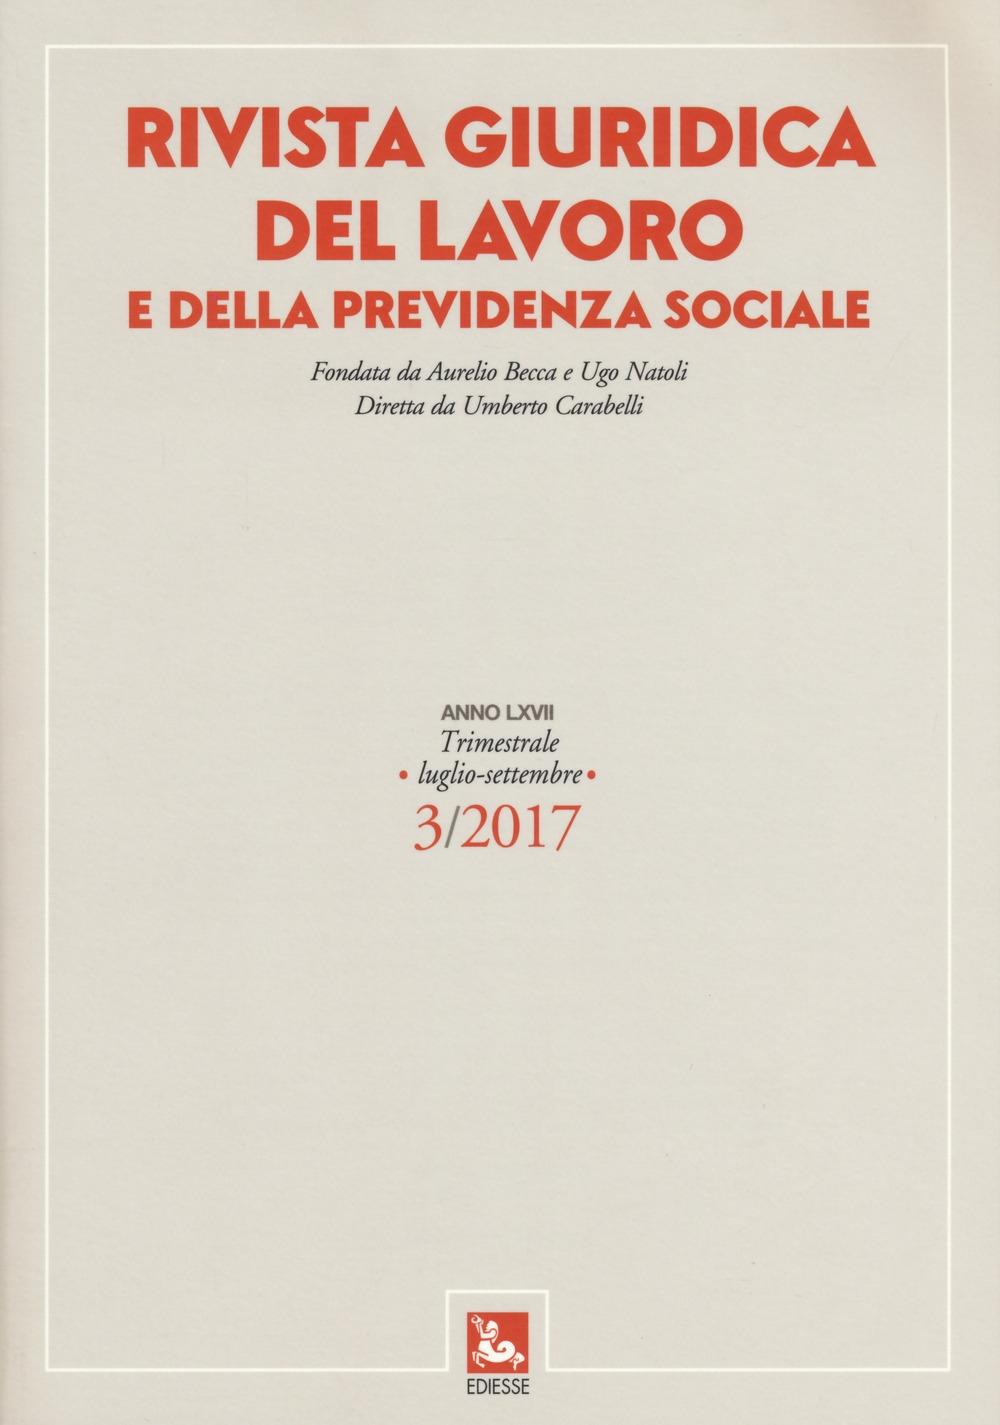 Rivista giuridica del lavoro e della previdenza sociale (2017). Vol. 3